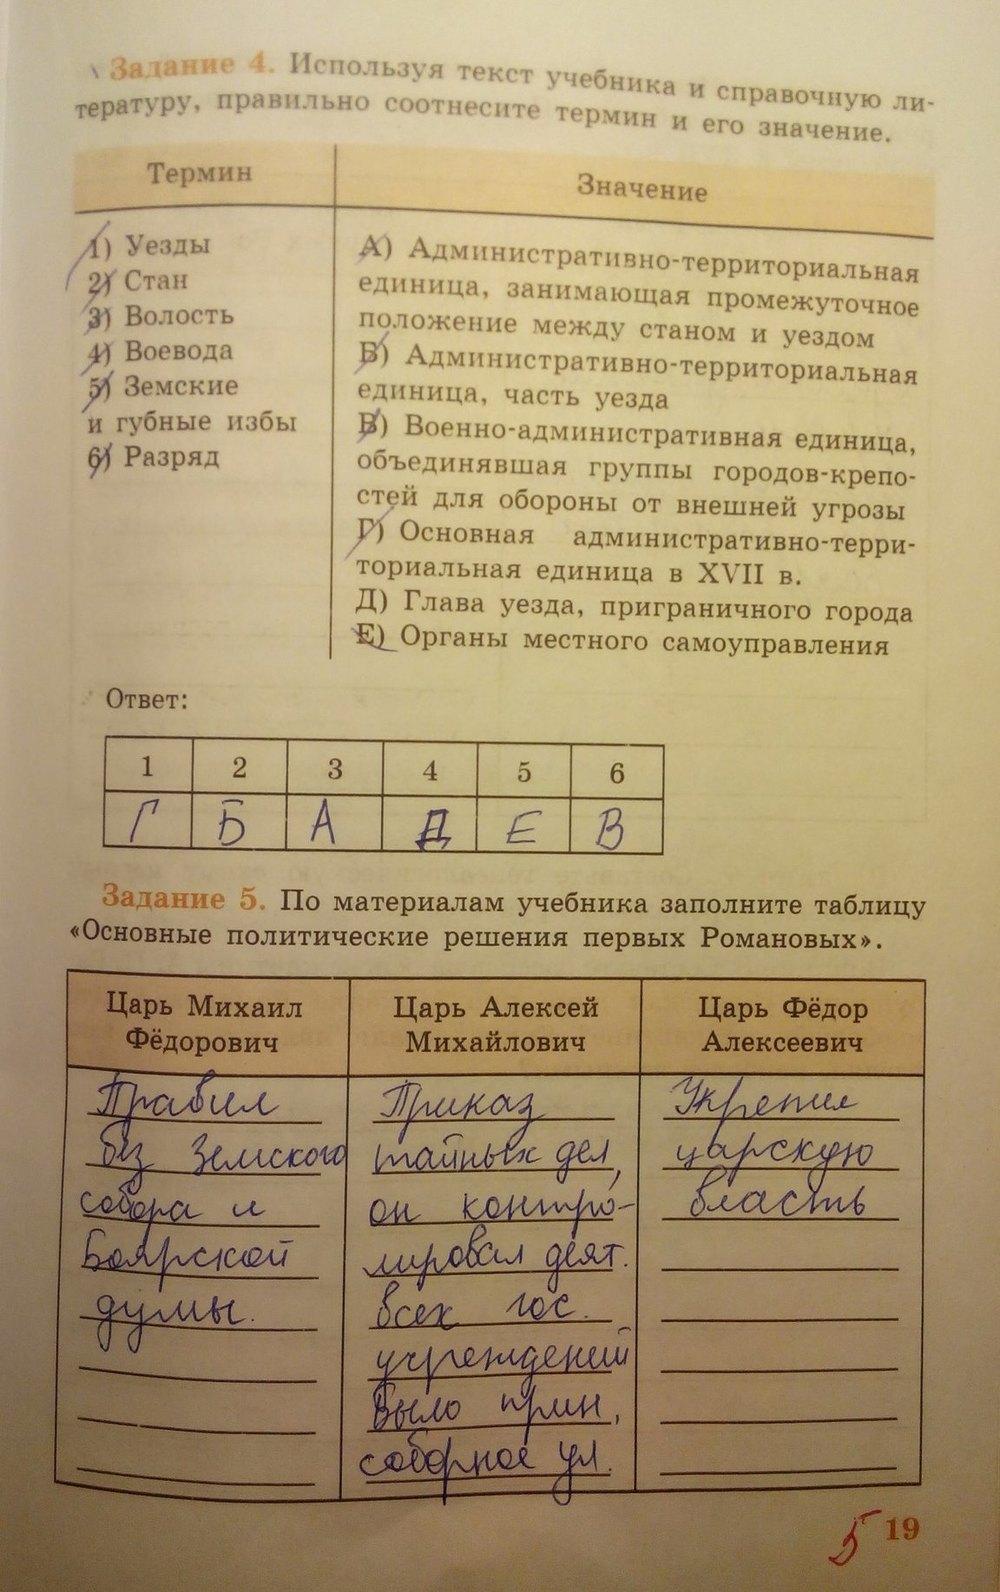 гдз по истории 8 класс данилов косулина учебник ответы на вопросы